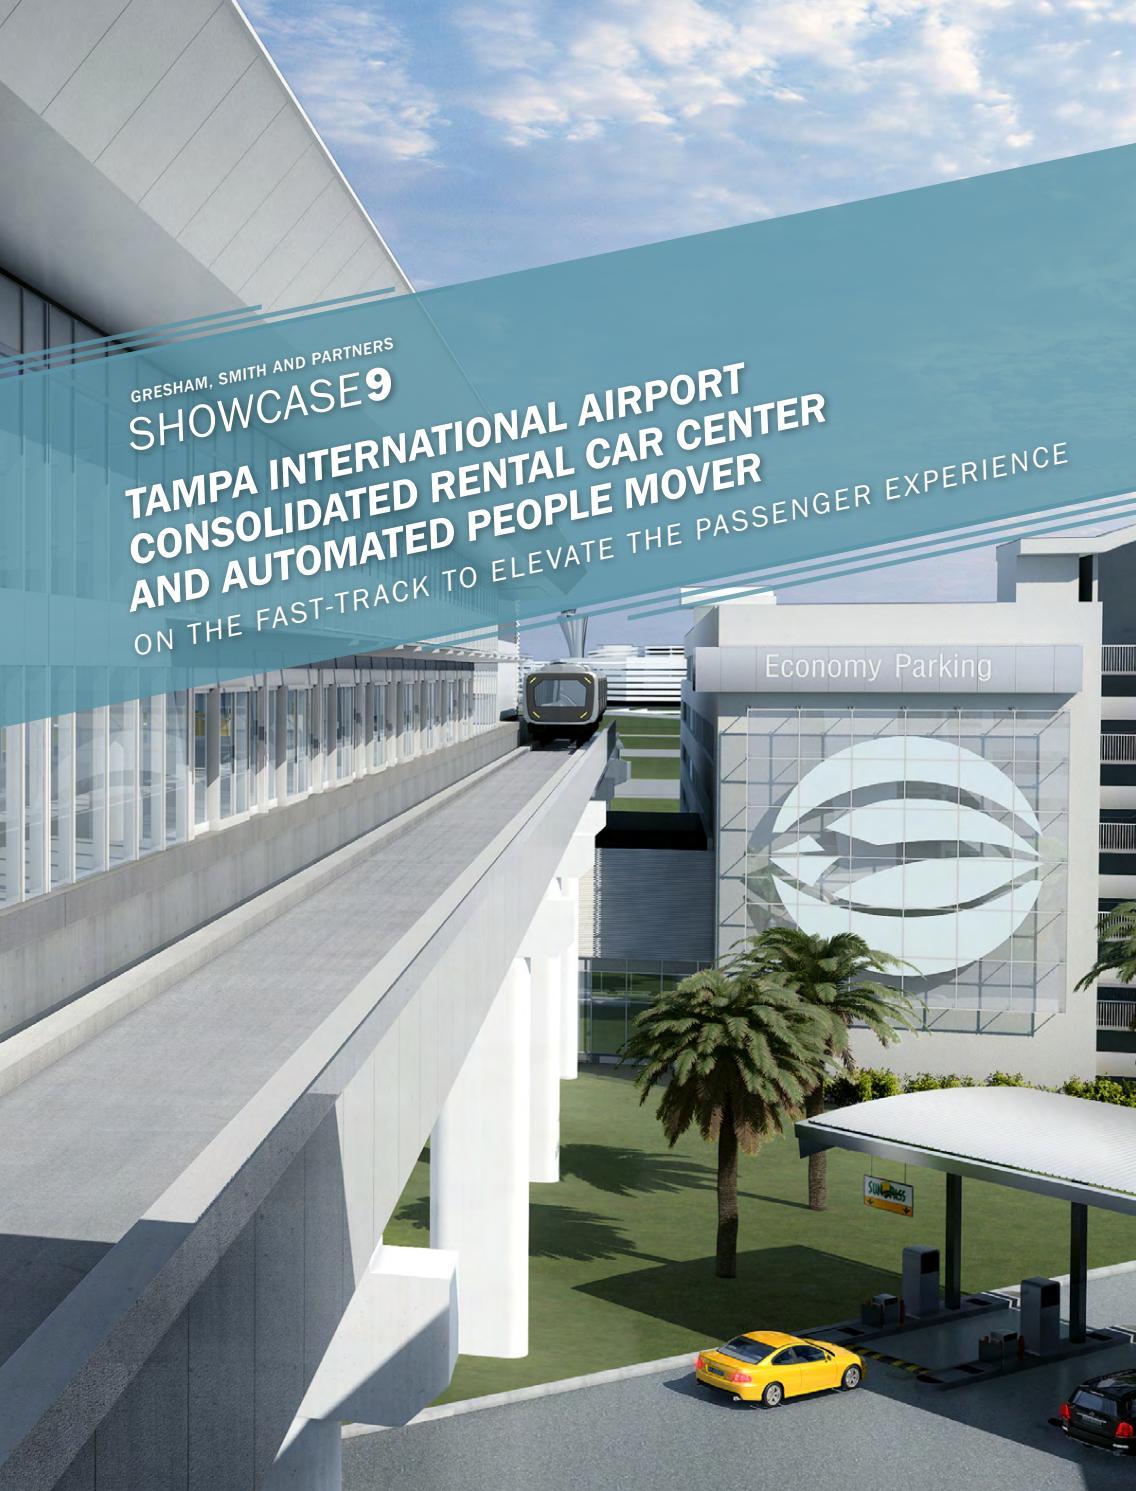 Car Storage Tampa Airport